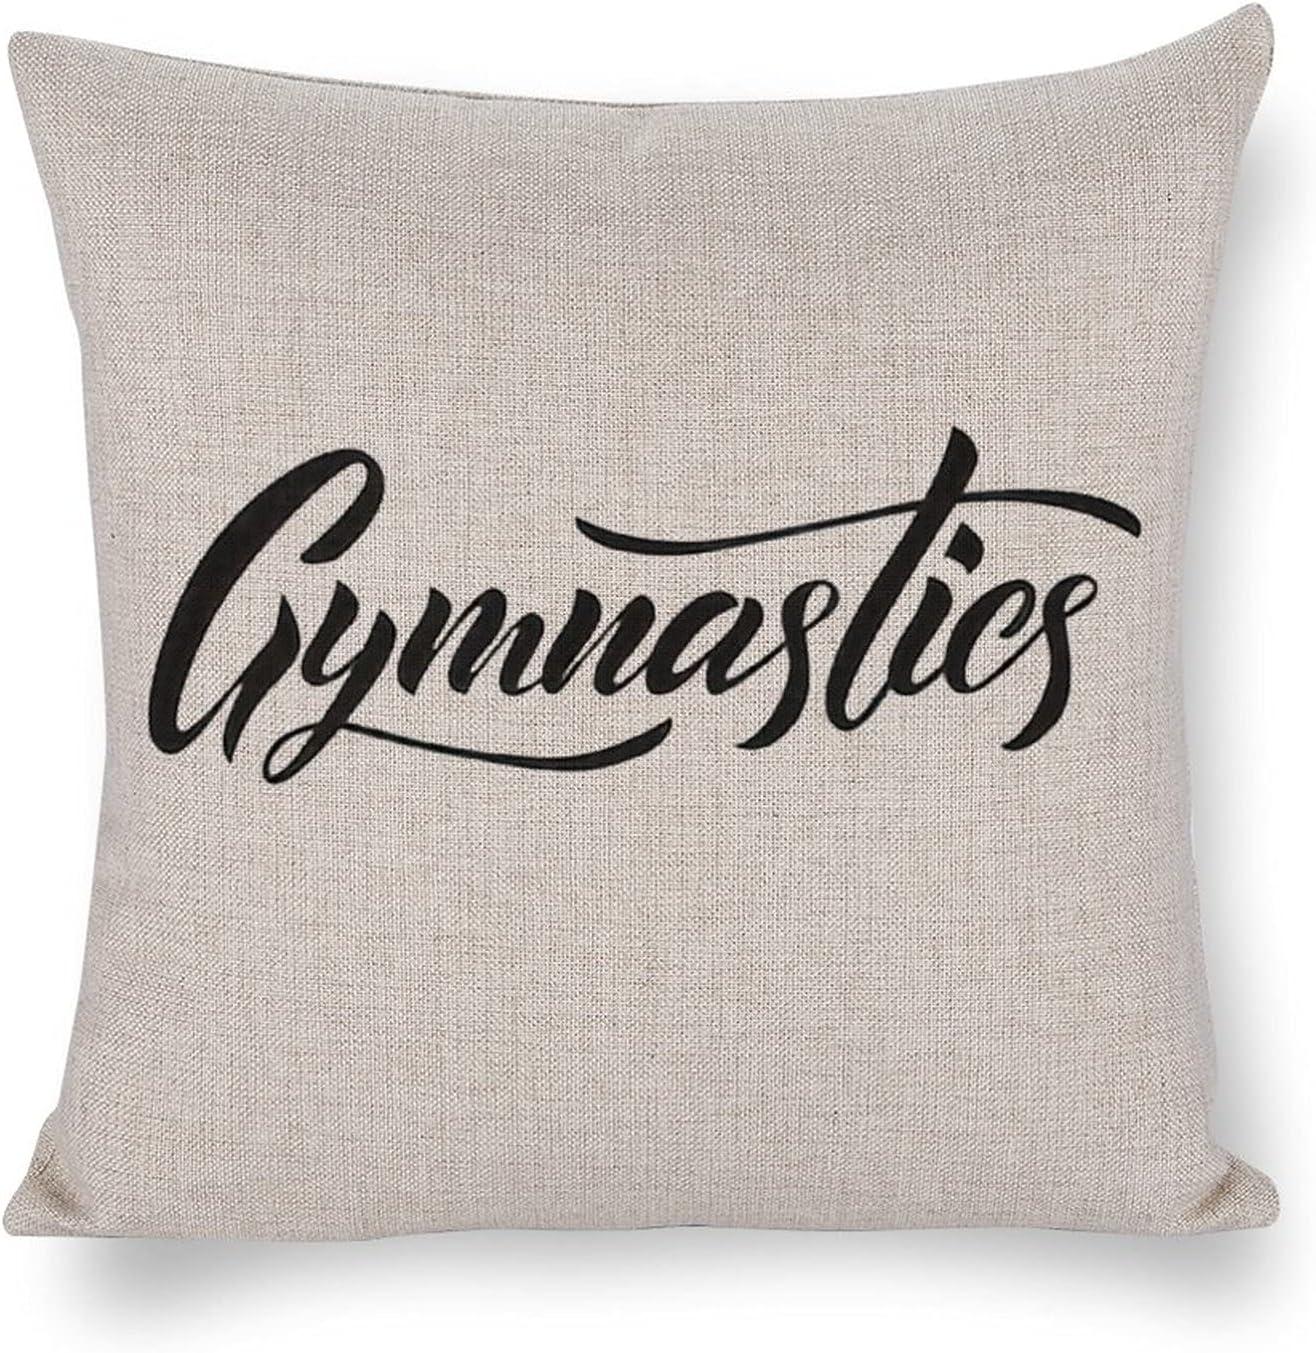 UTF4C Gymnastics Cotton Store Linen Sofa Cushion D Design Home Bed Under blast sales Art